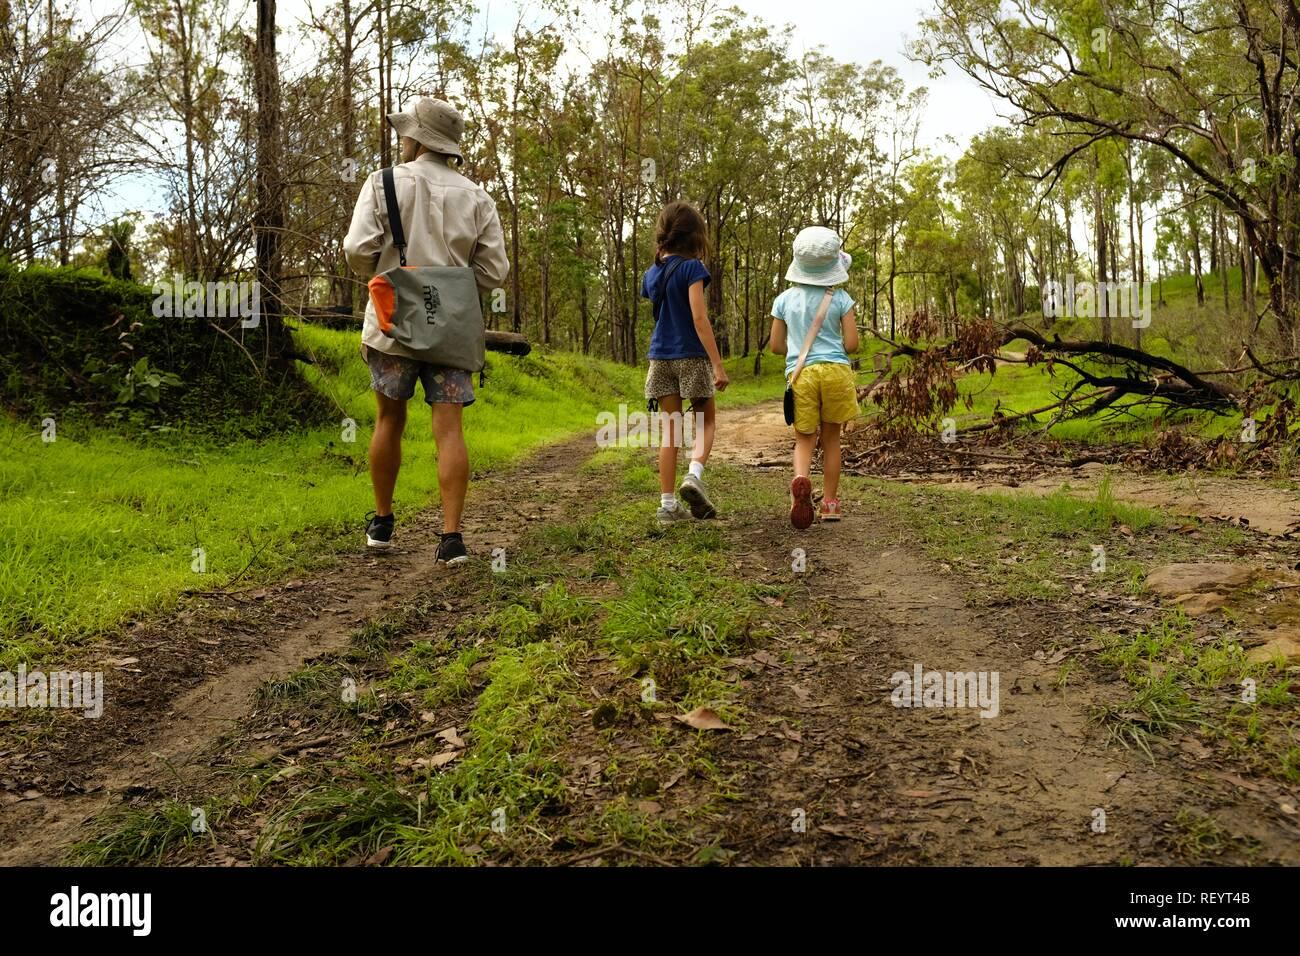 Los niños y el padre caminando junto a una pista de tracción en las cuatro ruedas a través de un bosque, Mia Mia State Forest, Queensland, Australia Foto de stock